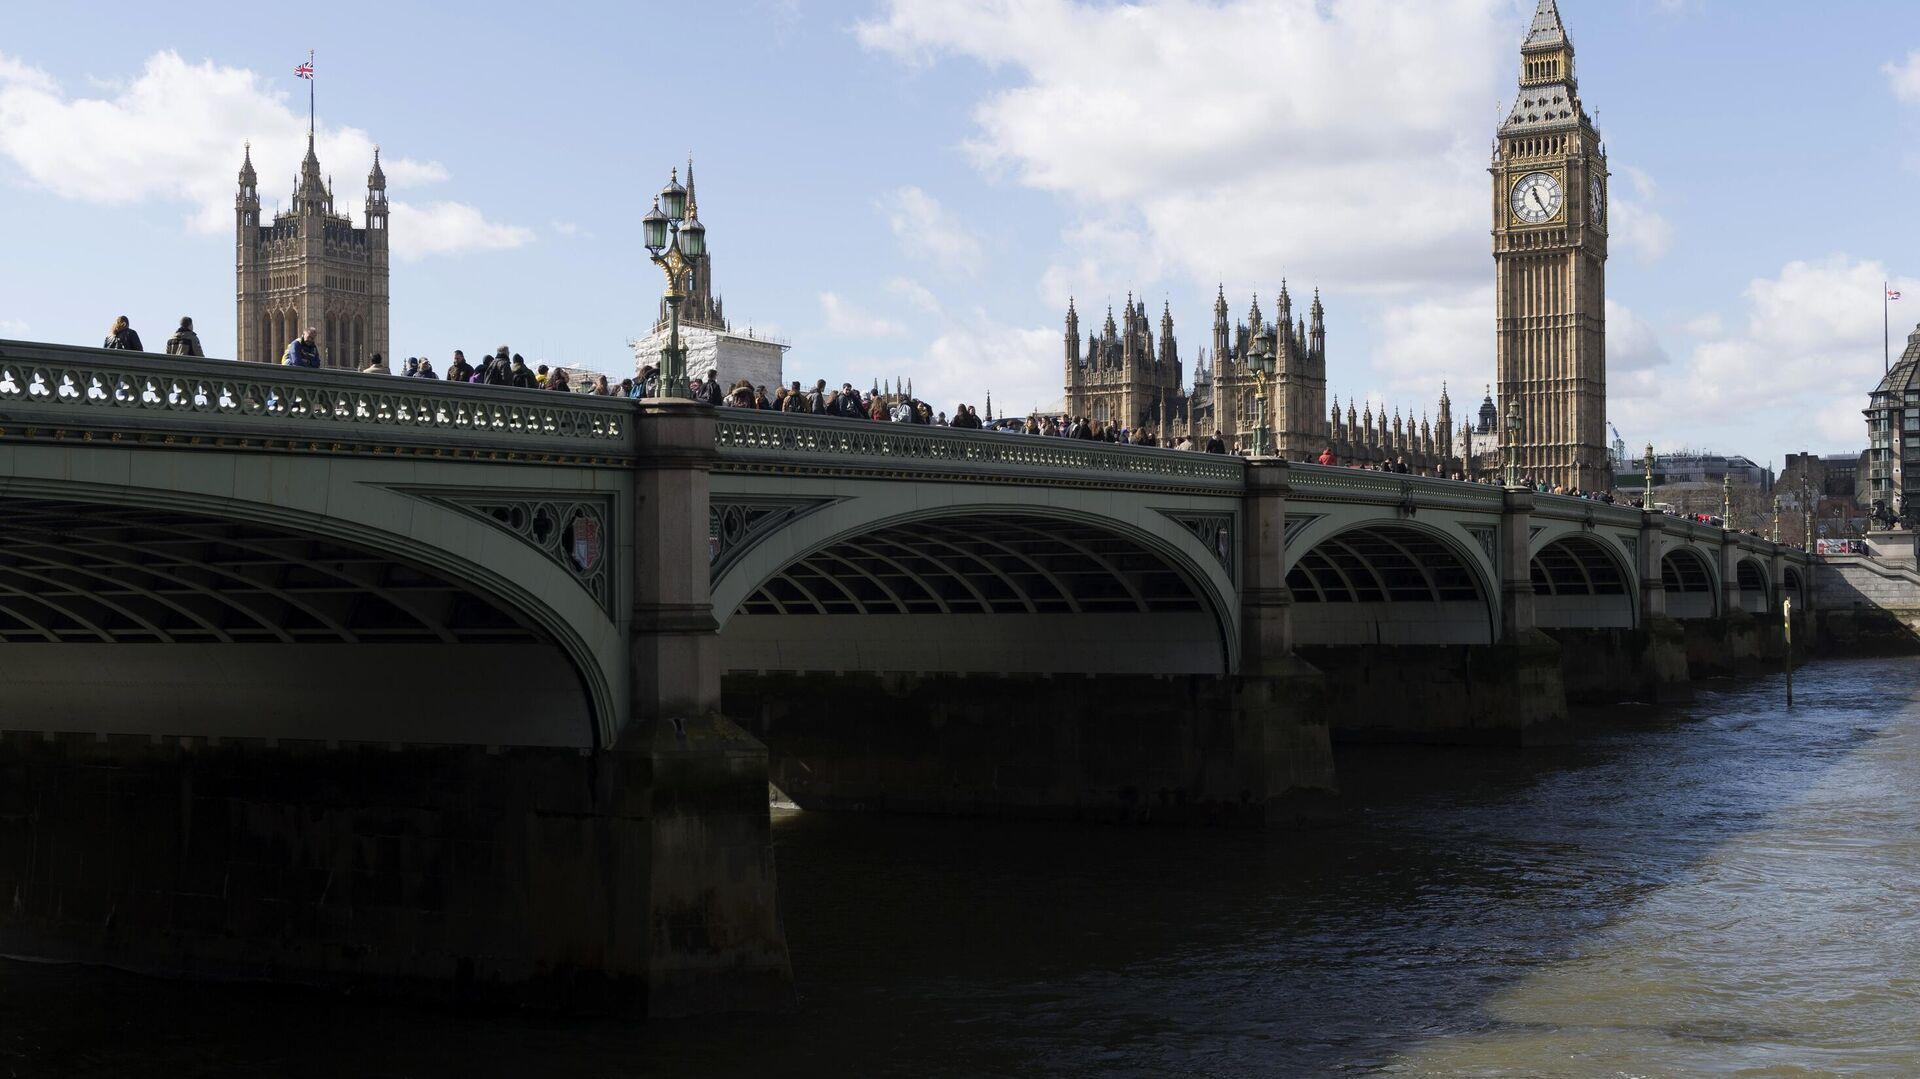 London - SNA, 1920, 30.09.2021